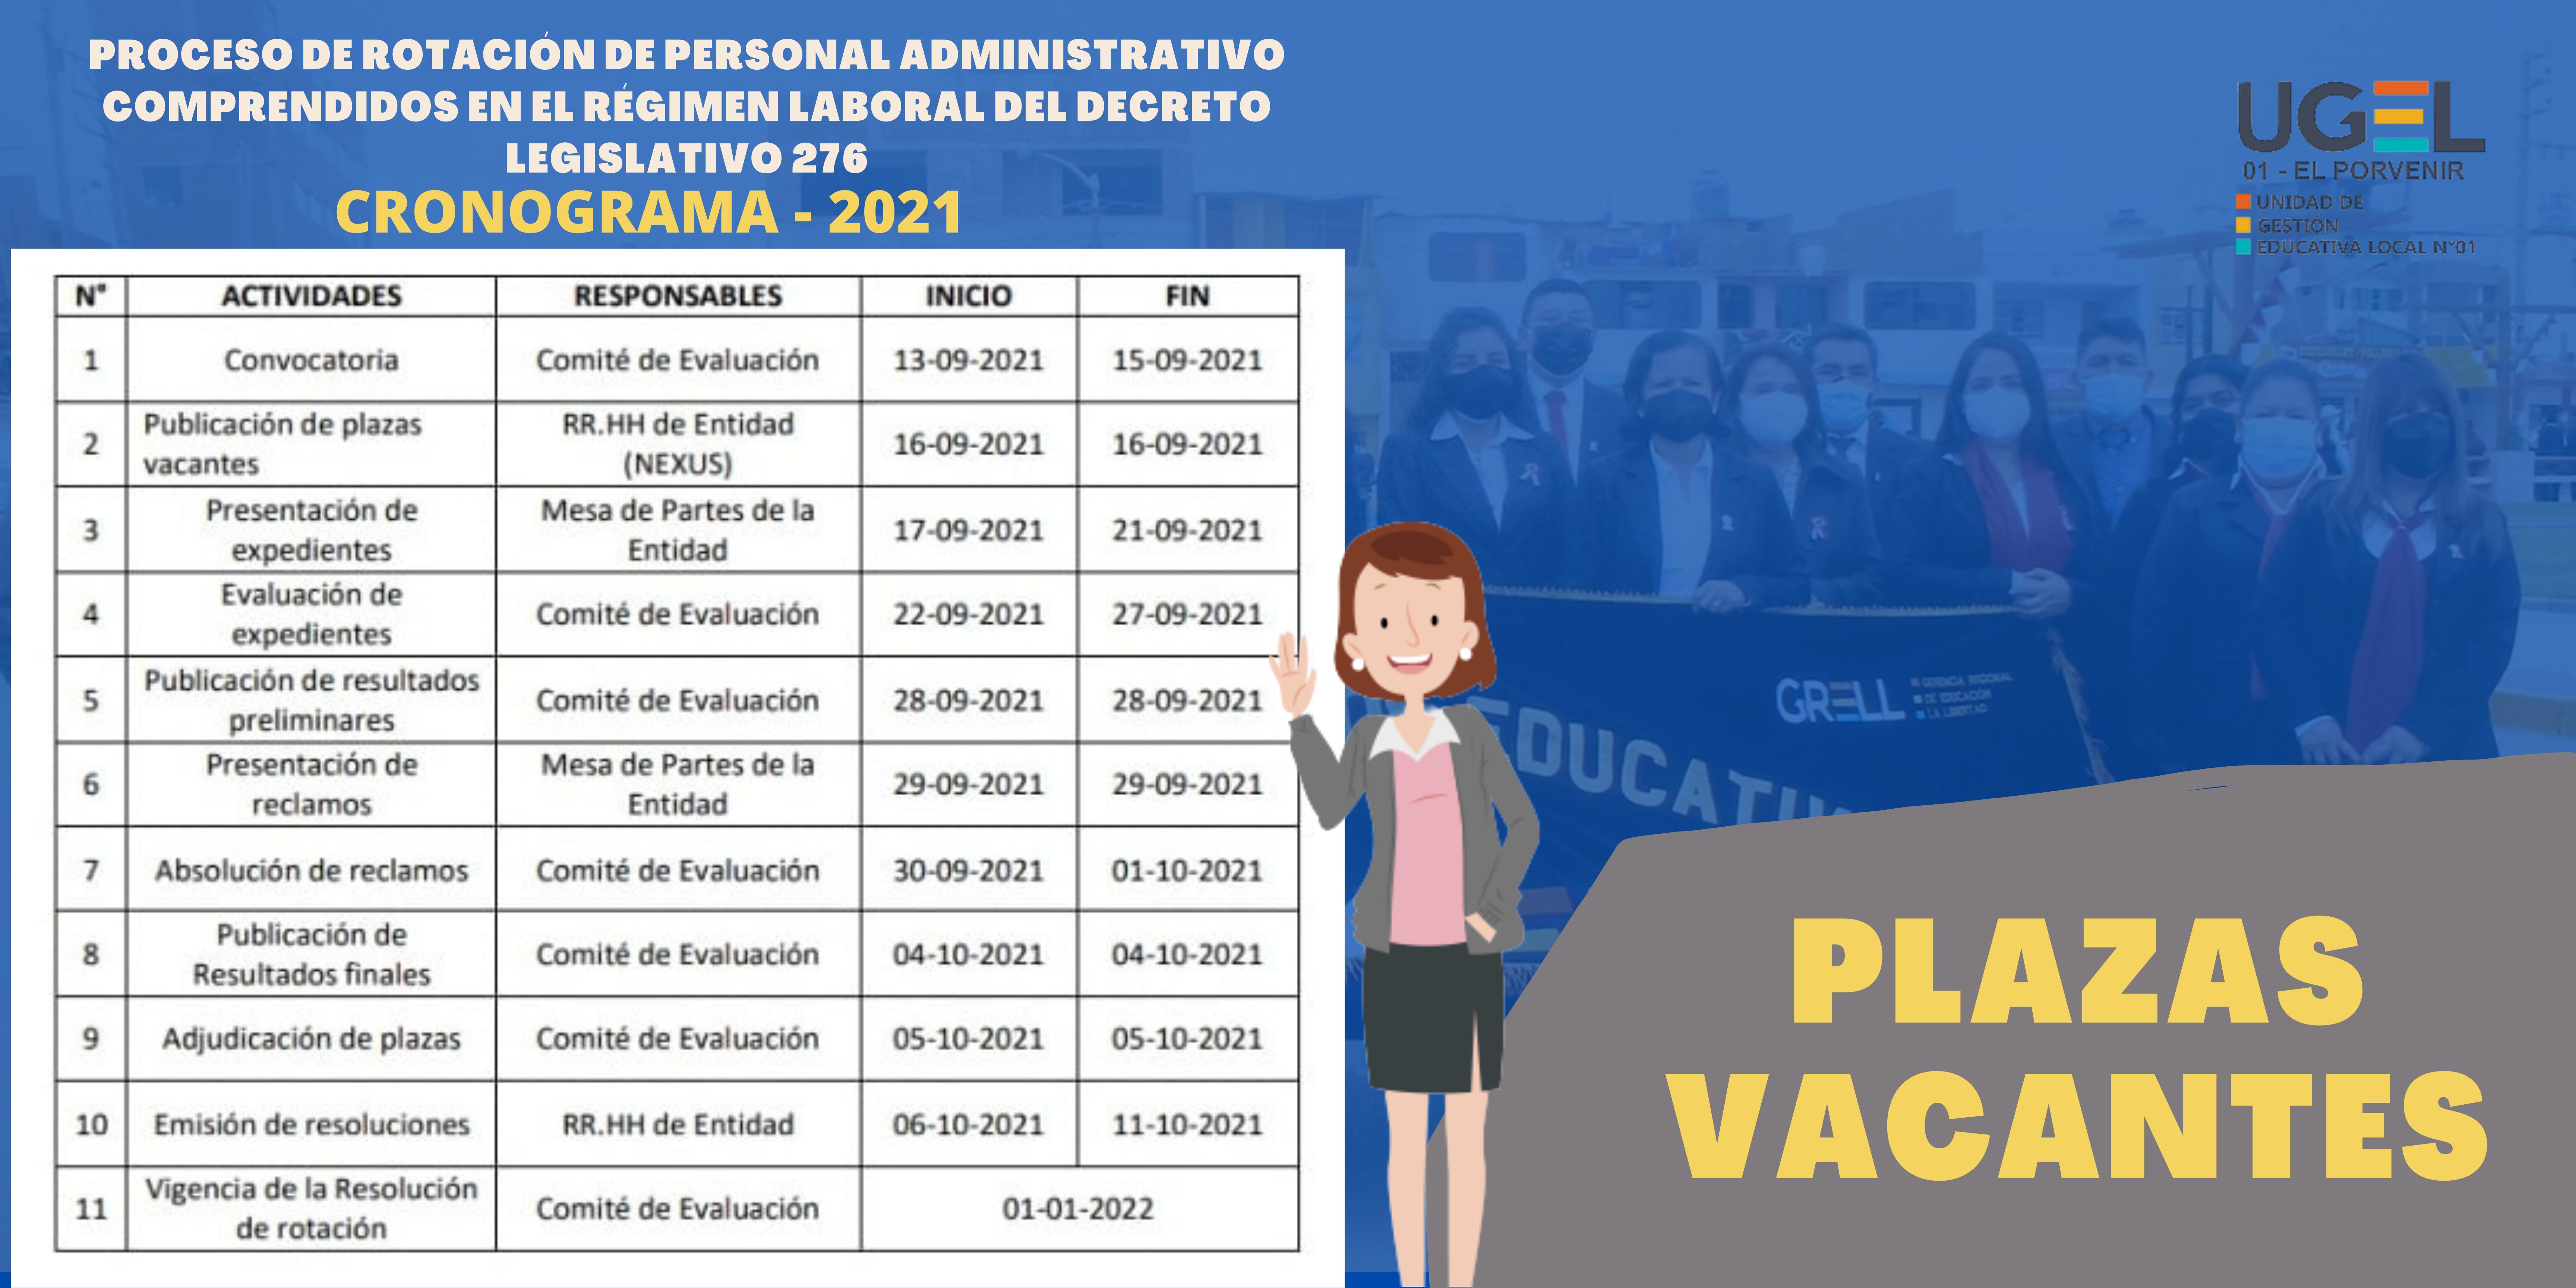 PROCESO DE ROTACIÓN DE PERSONAL ADMINISTRATIVO COMPRENDIDOS EN EL RÉGIMEN LABORAL DEL DECRETO LEGISLATIVO 276